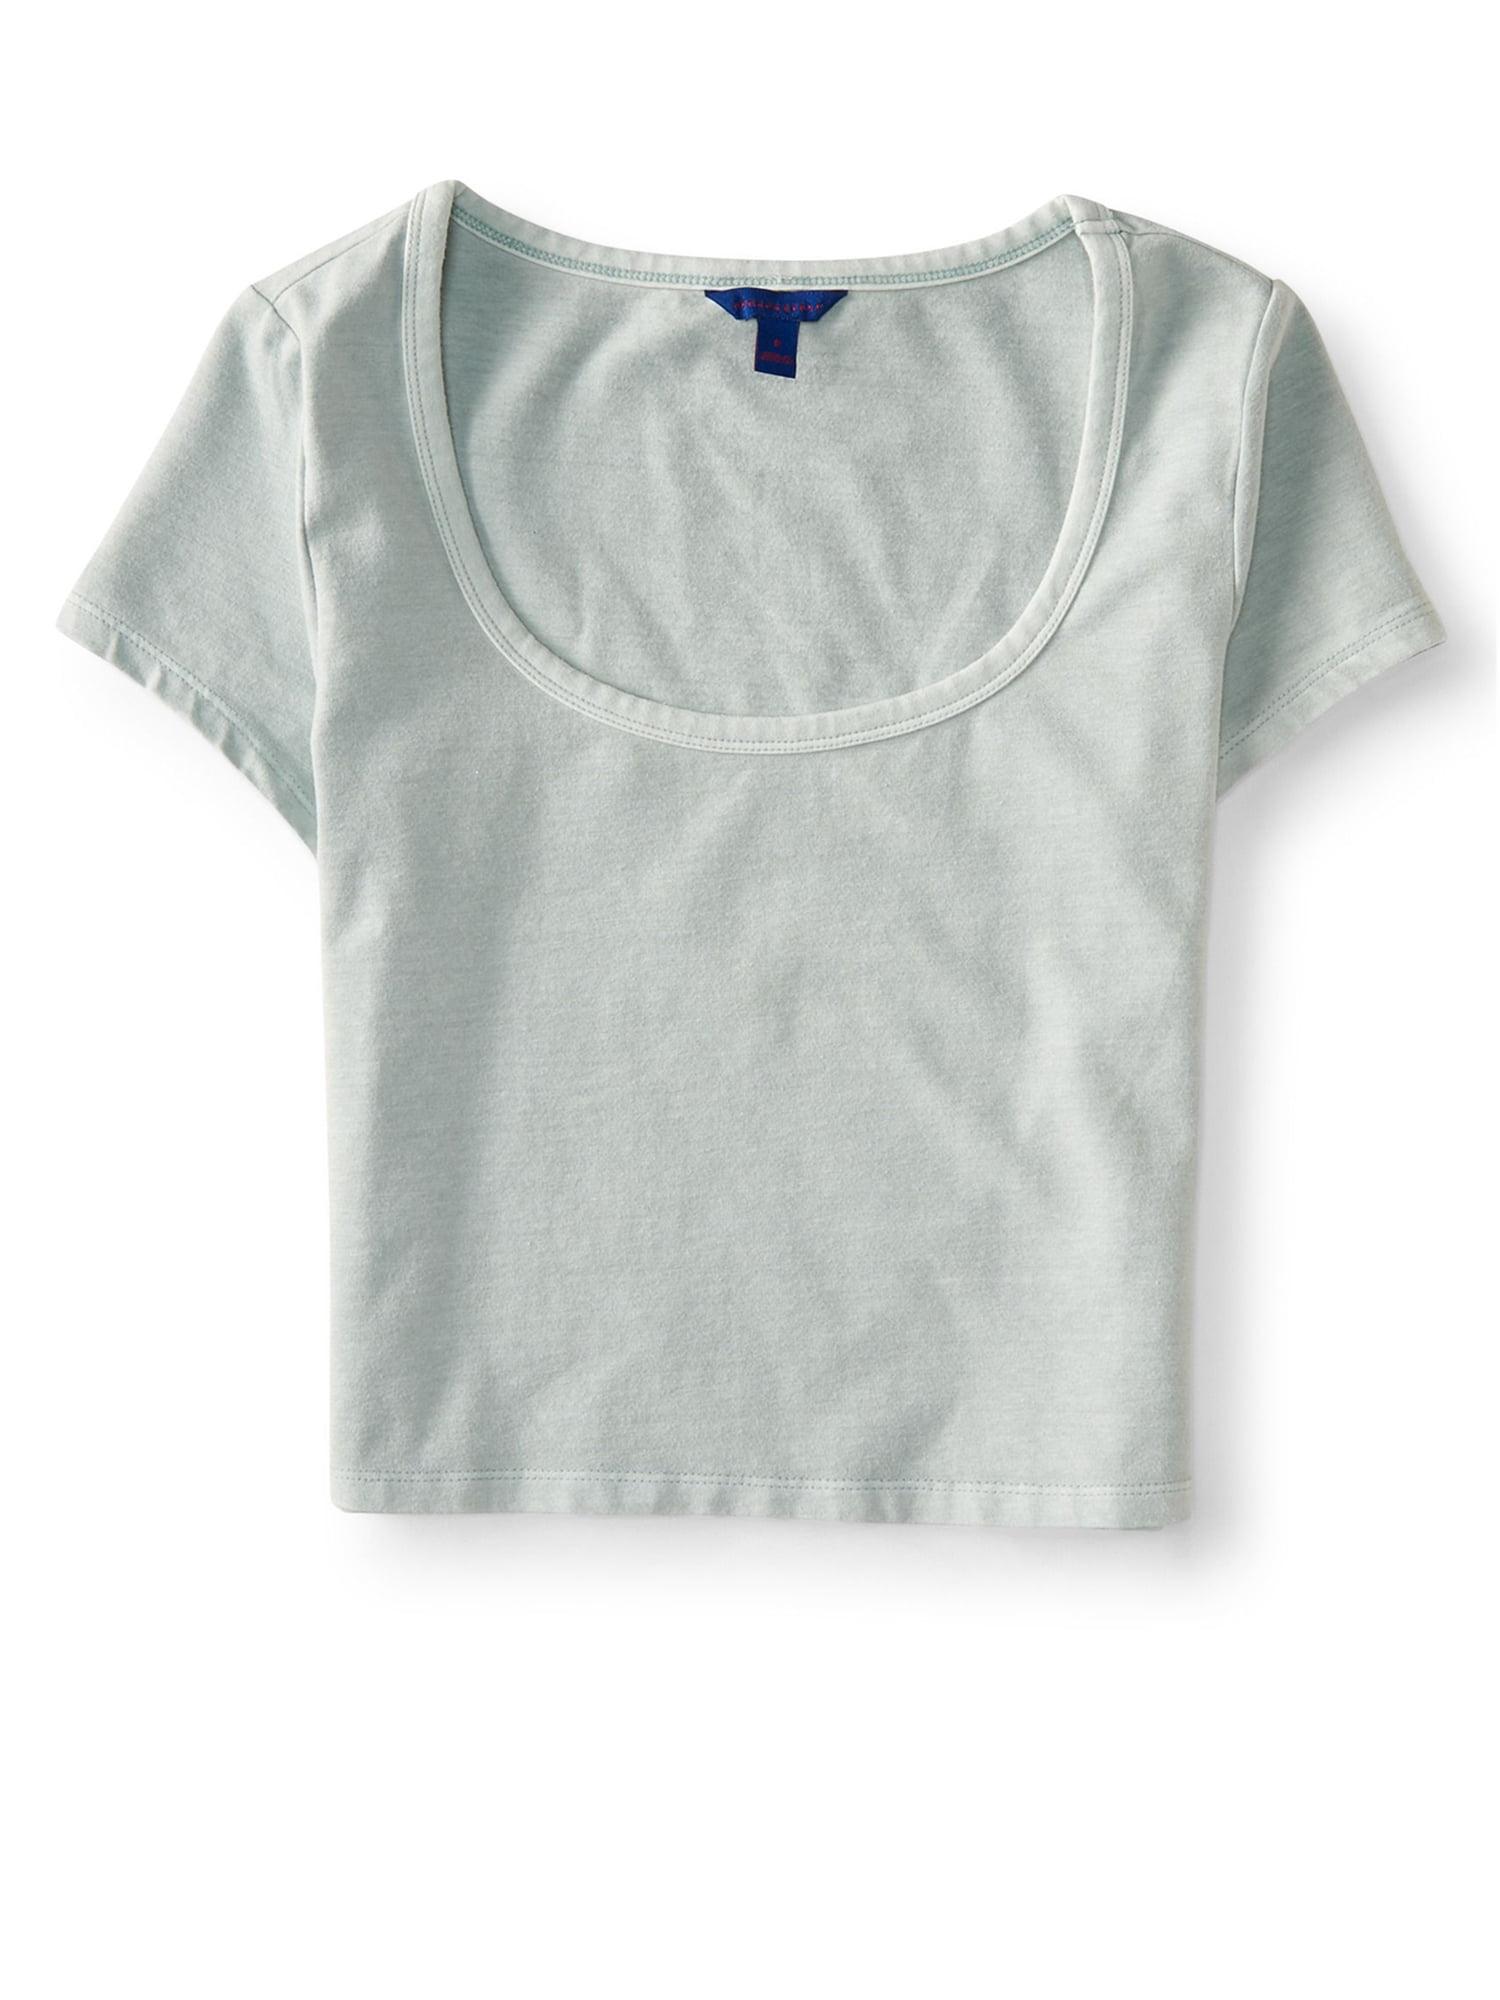 Aeropostale Juniors Washed Bodycon Basic T-Shirt